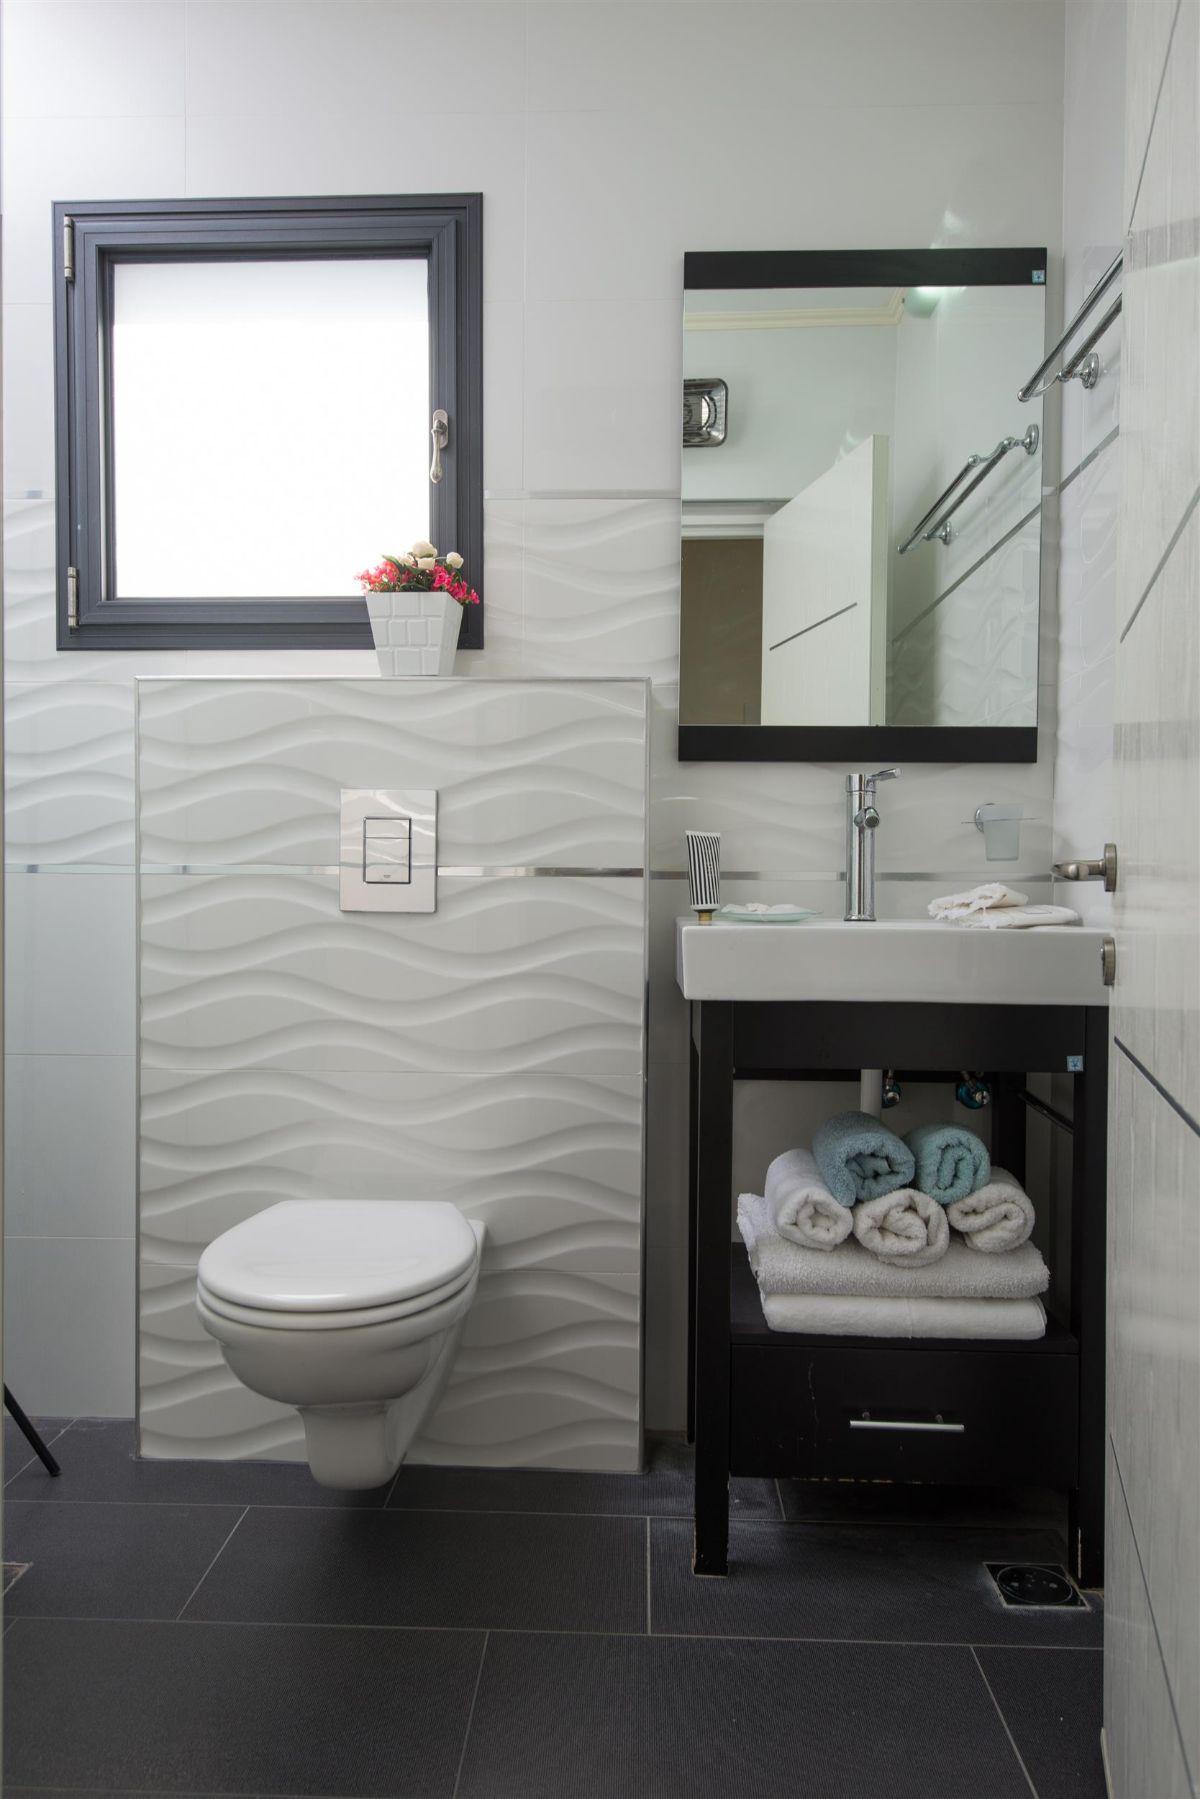 עיצוב פנים חדר אמבטיה ושירותים | אדריכלות חדר אמבטיה ושירותים - חדר אמבטיה ושירותים